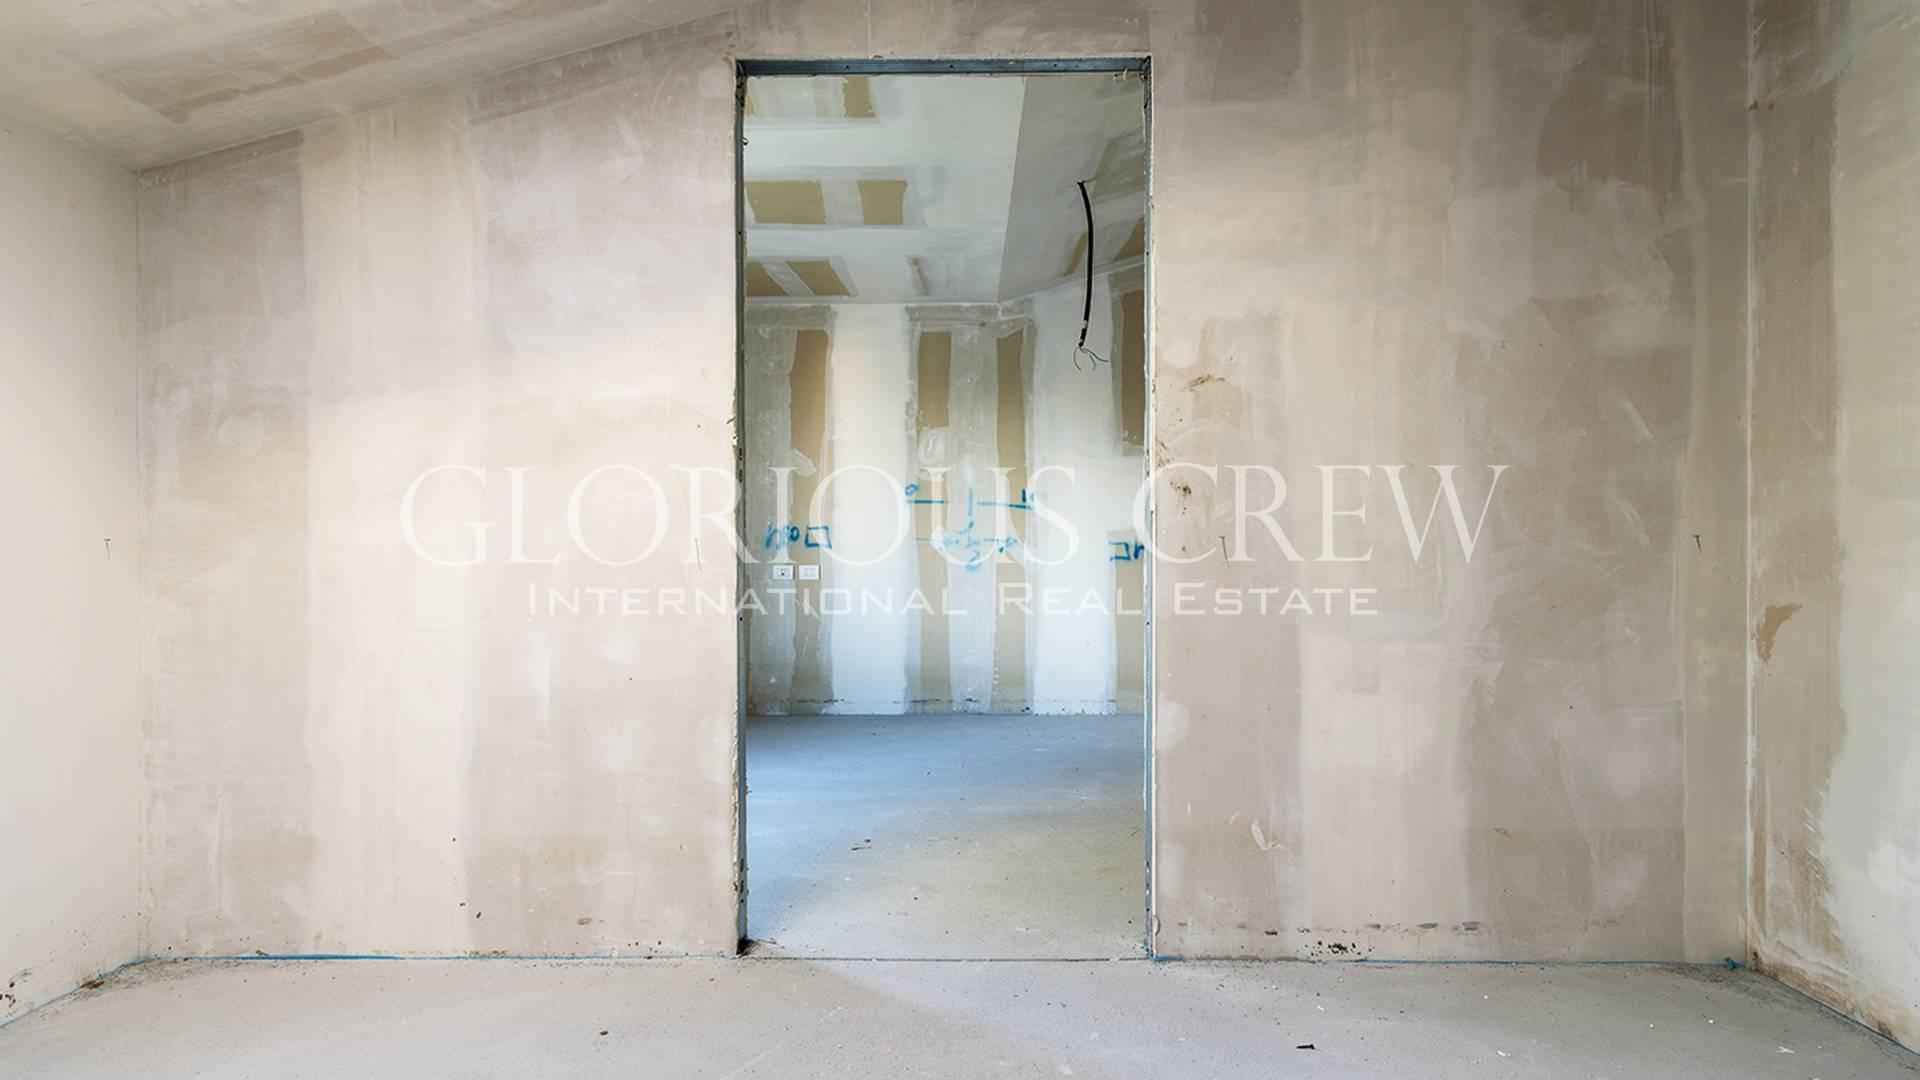 Appartamento in Vendita a Monza: 4 locali, 149 mq - Foto 22